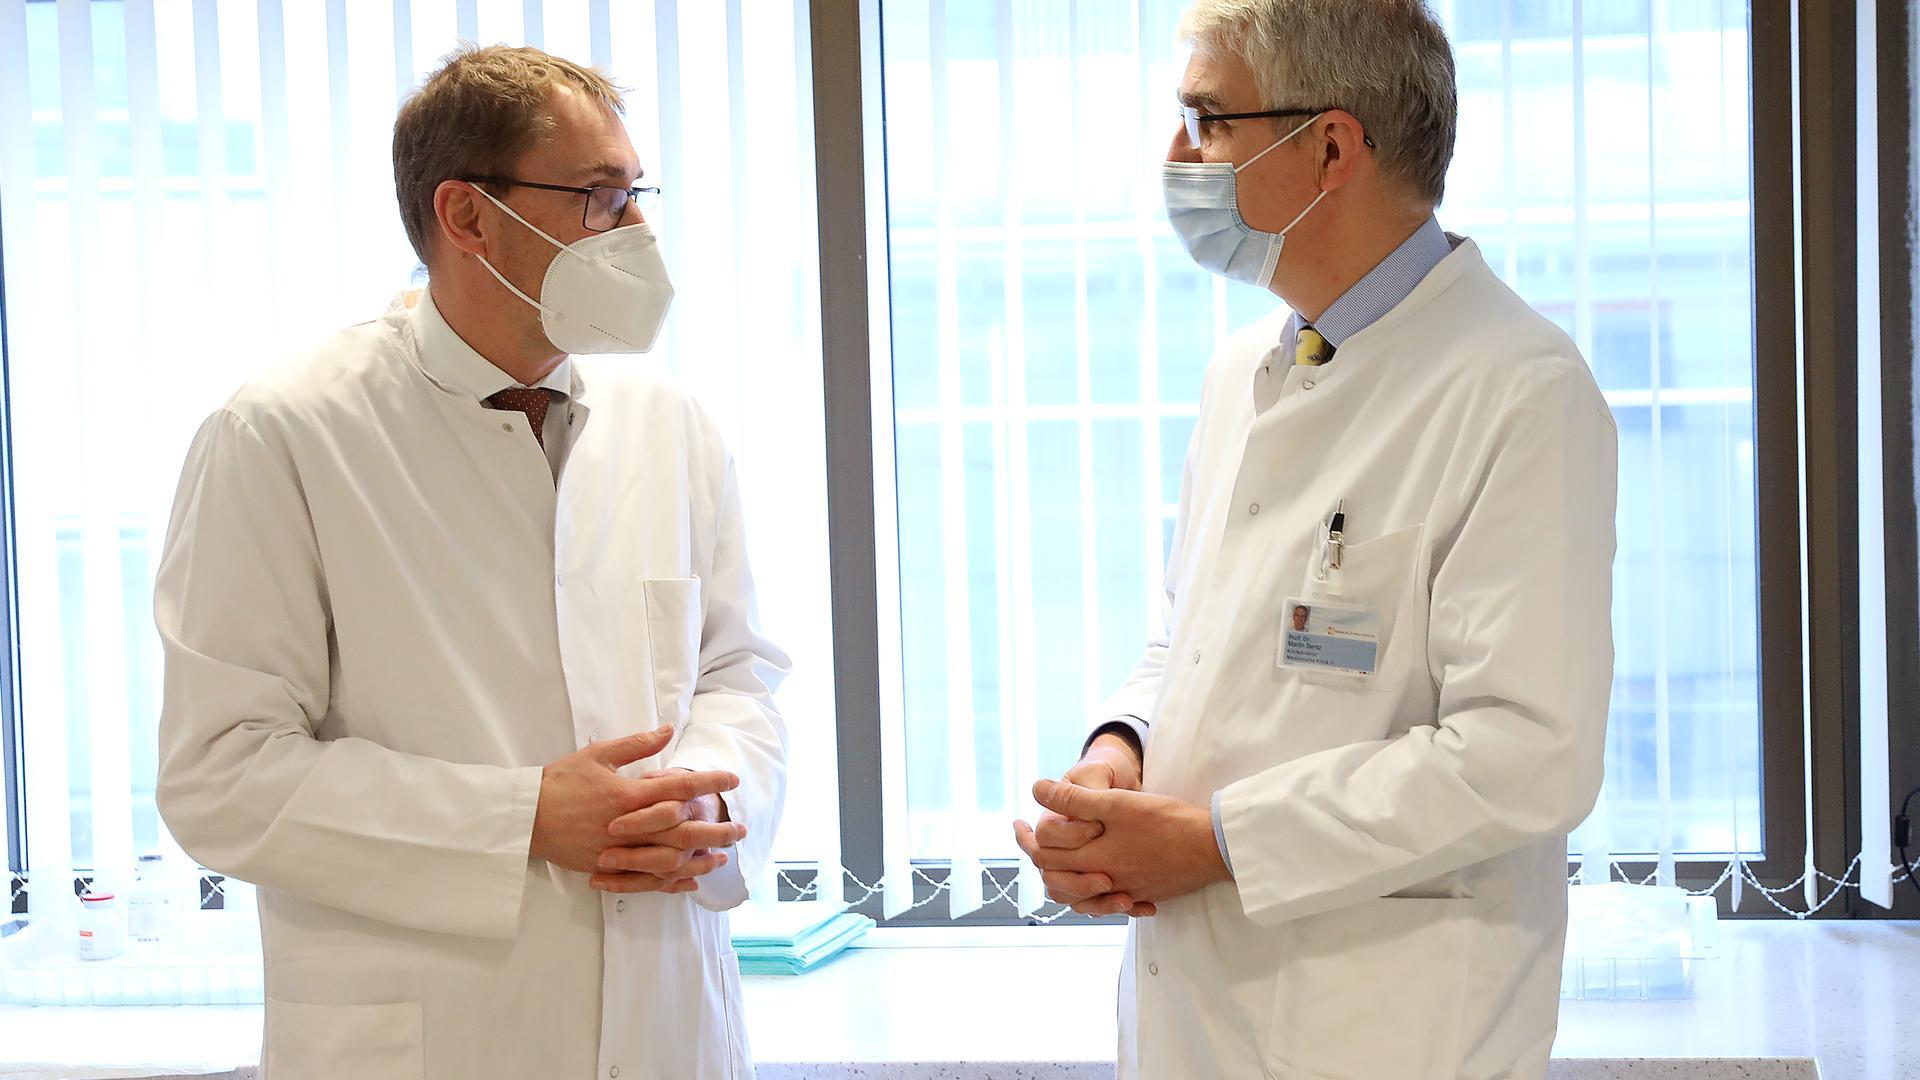 Martin Bentz vom Städtischen Klinikum und Christian Meyer zum Büschenfelde von ViDia, die Chefs der Onkologie.